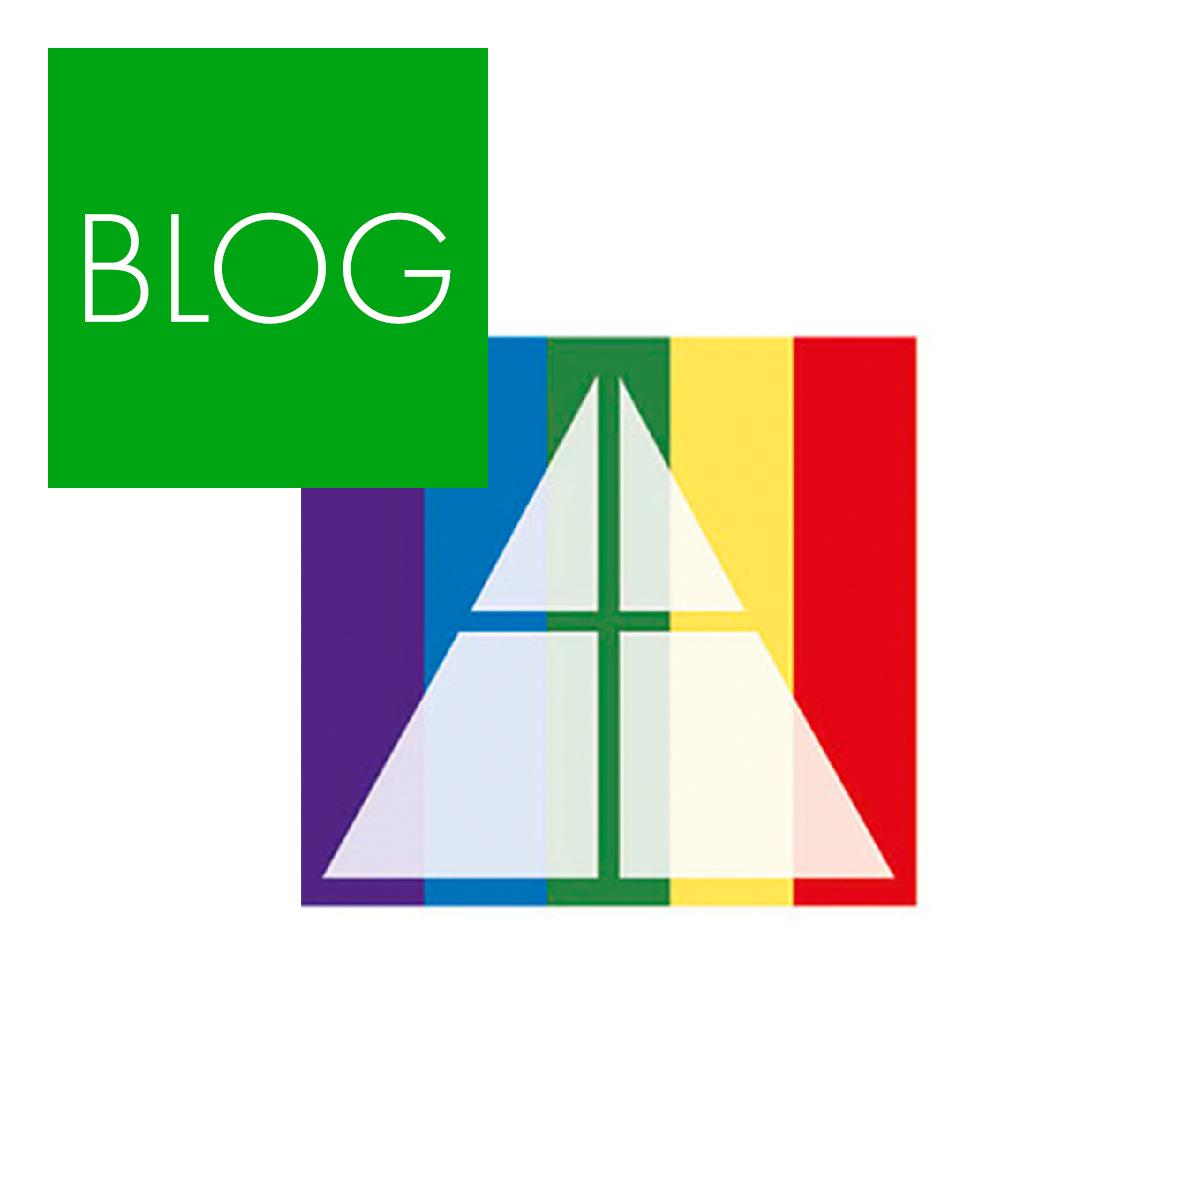 Blogpost: Förderverein für Jugendliche e.V.